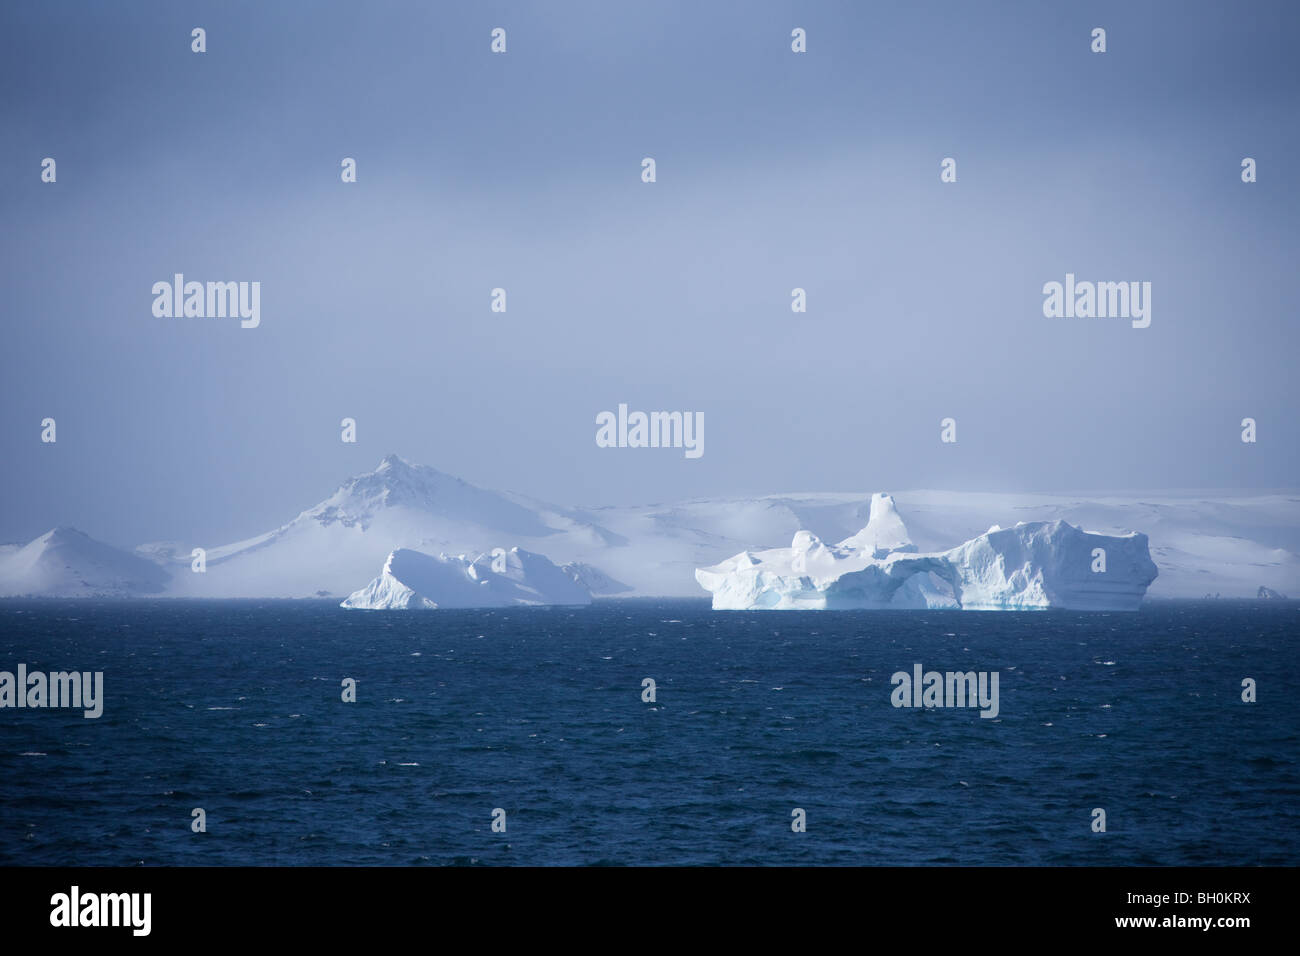 Belle vue sur l'océan Atlantique de l'Antarctique et les icebergs Photo Stock